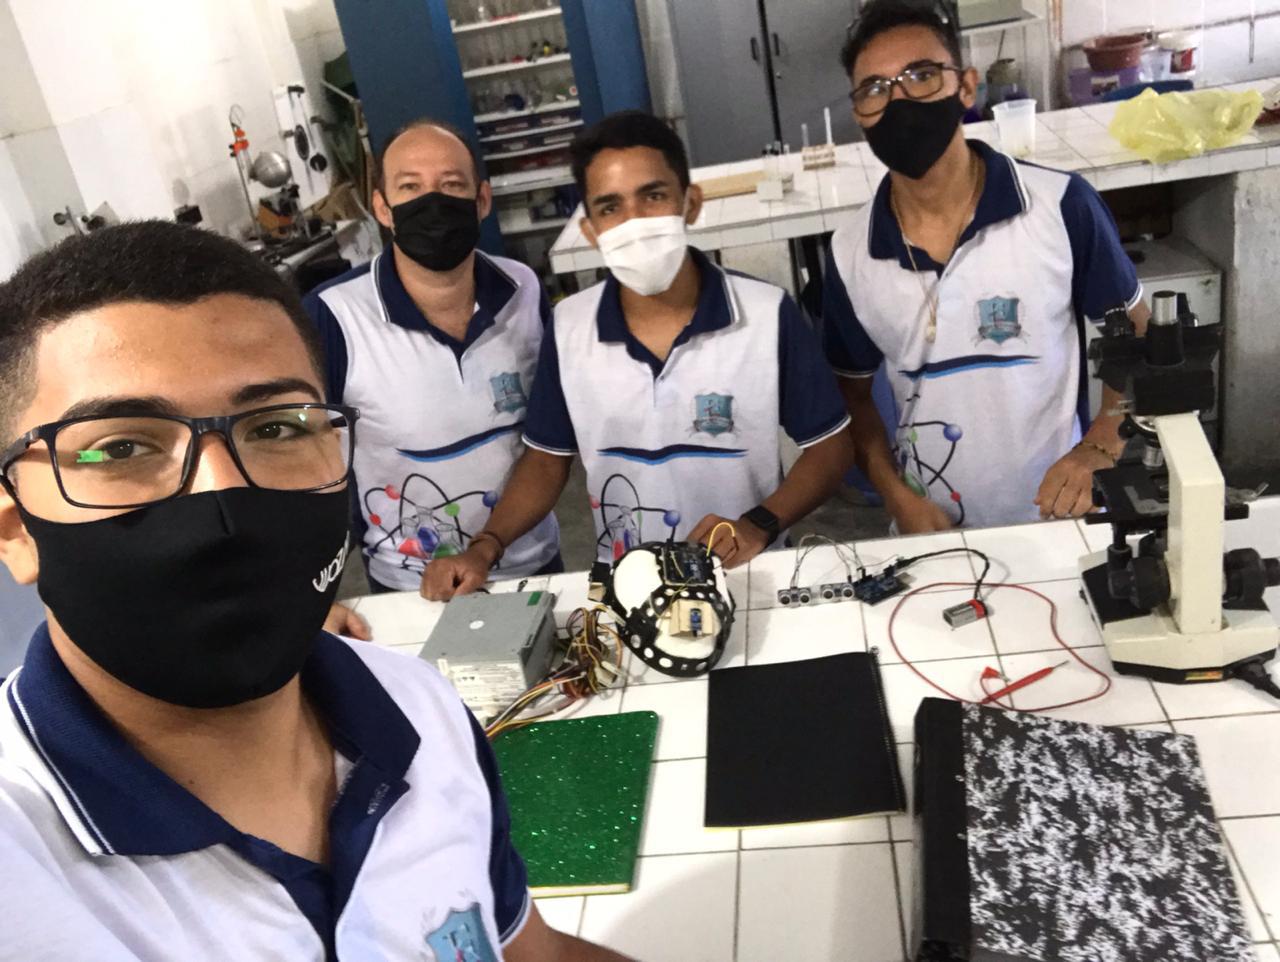 Alunos do CE transformam capacete de construção civil em sensor de movimento para deficientes visuais 3